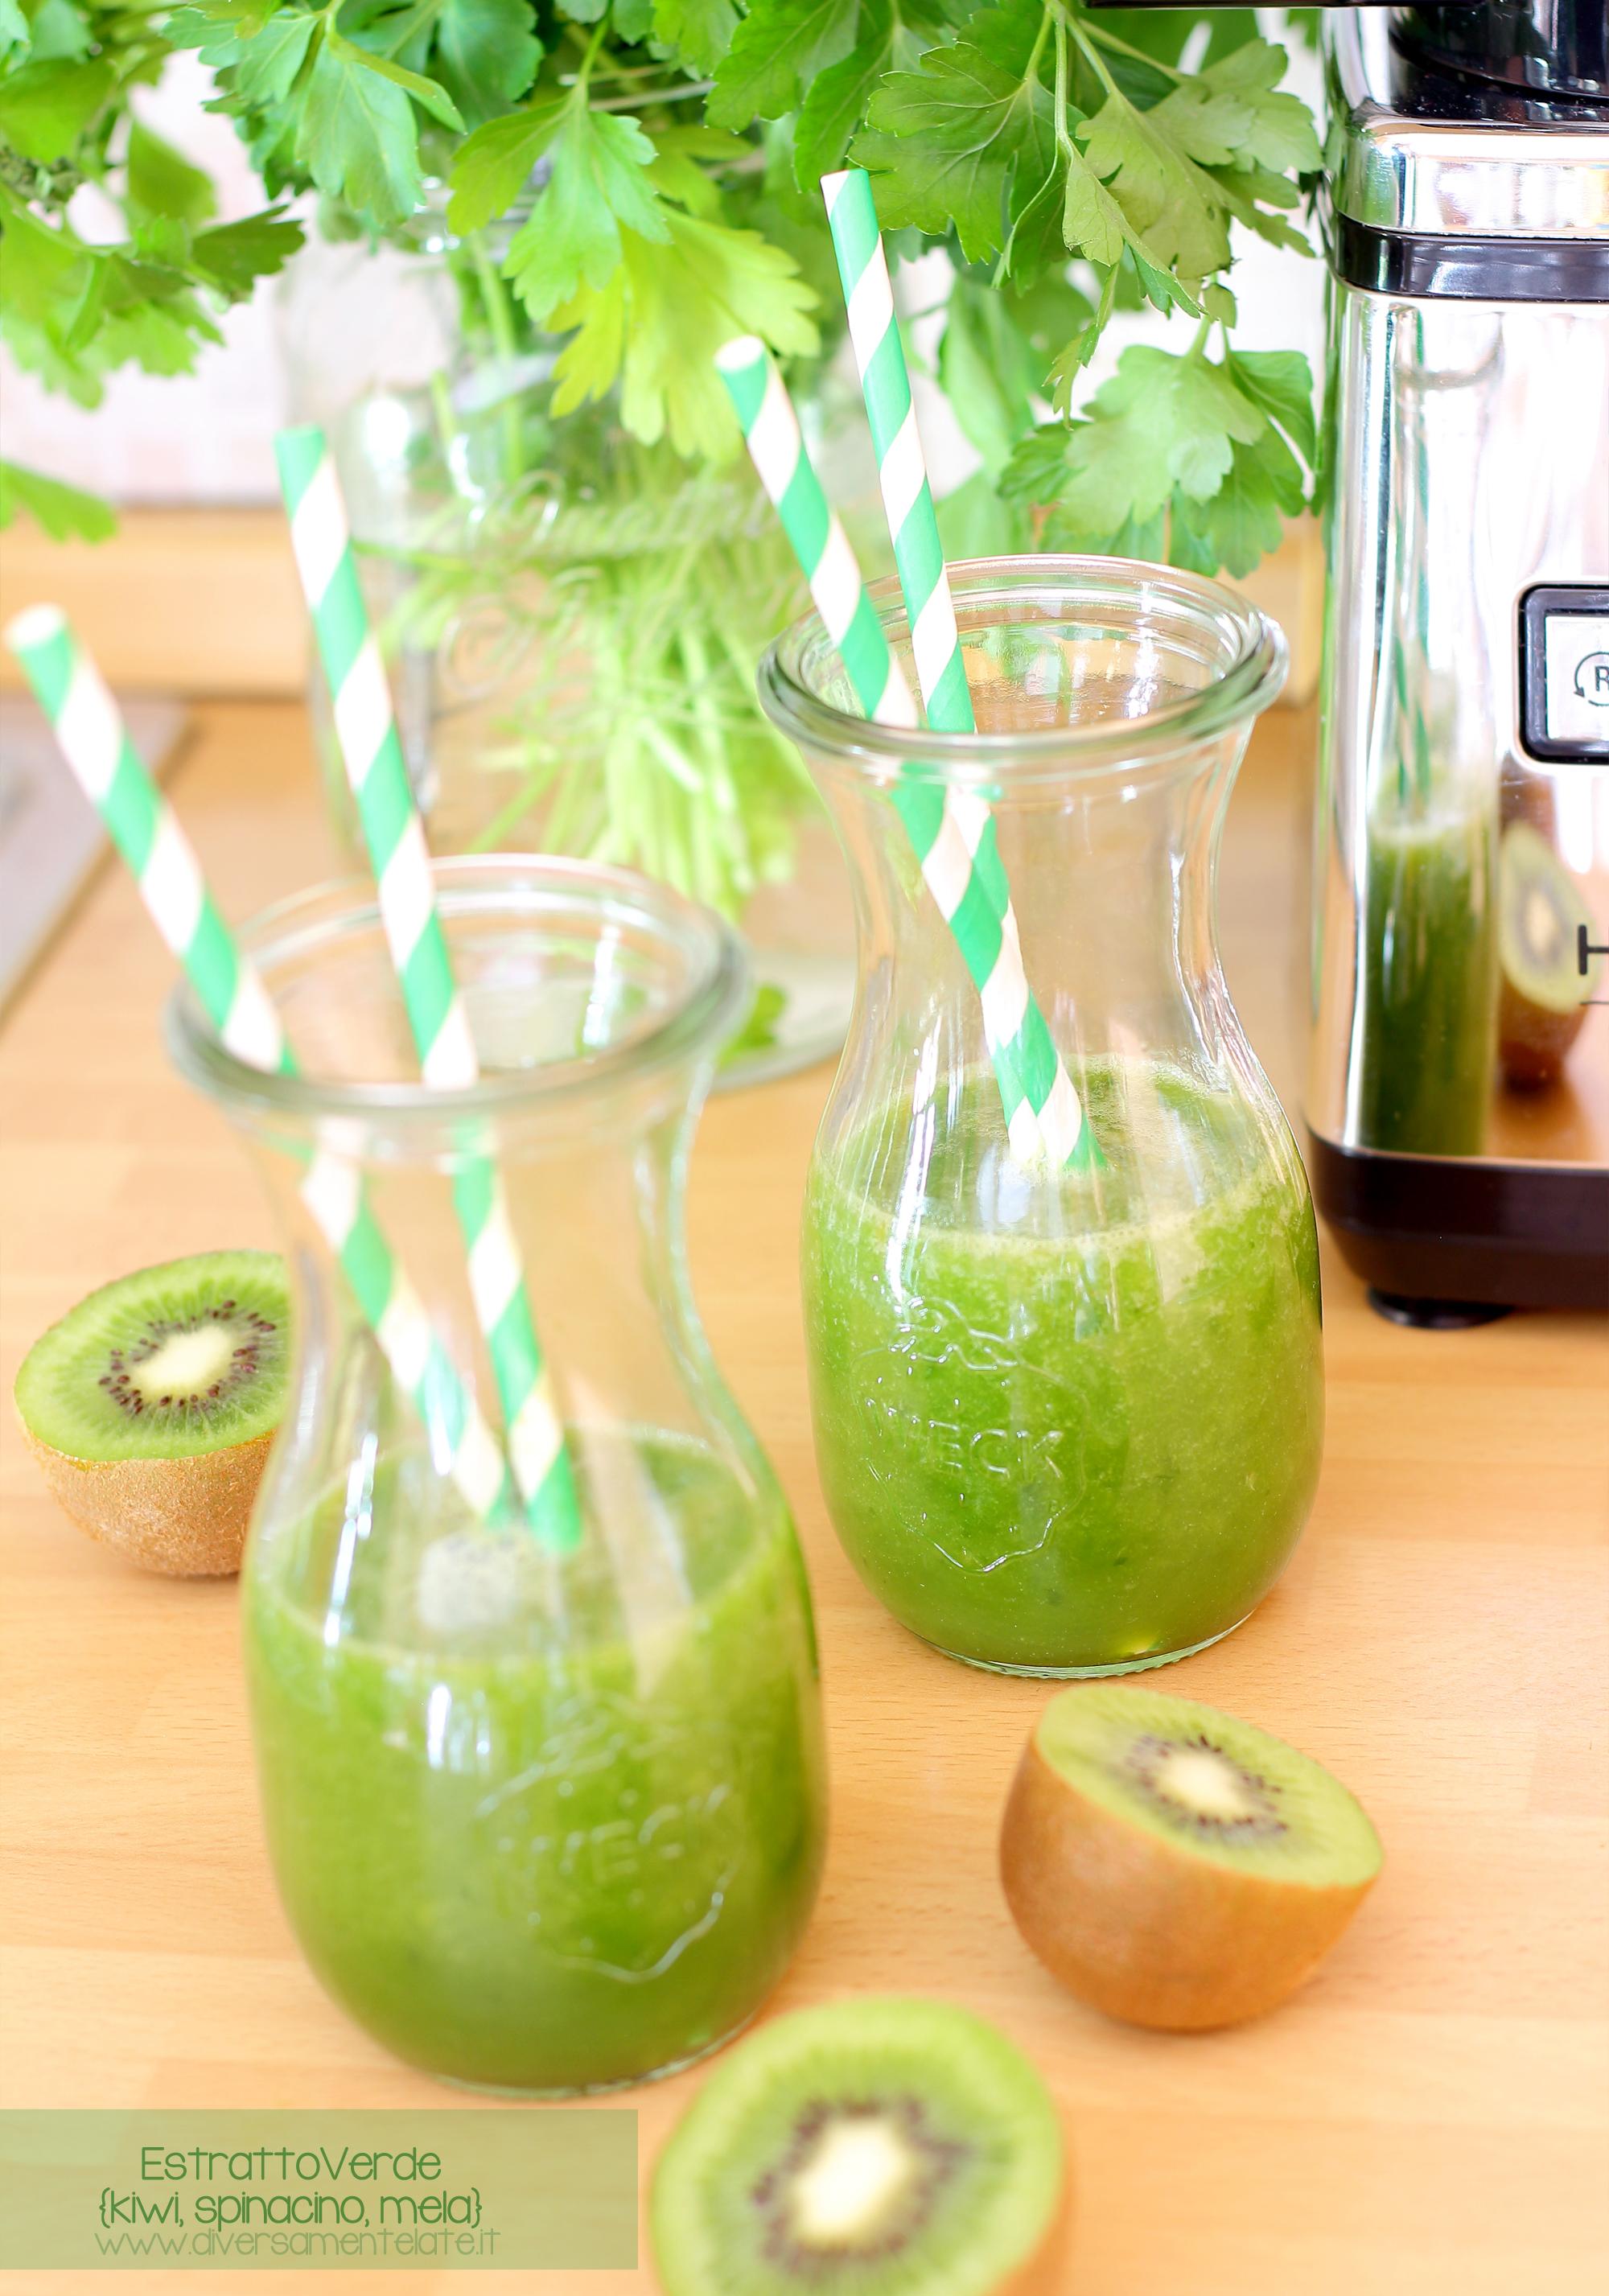 estratto verde kiwi spinacino mela